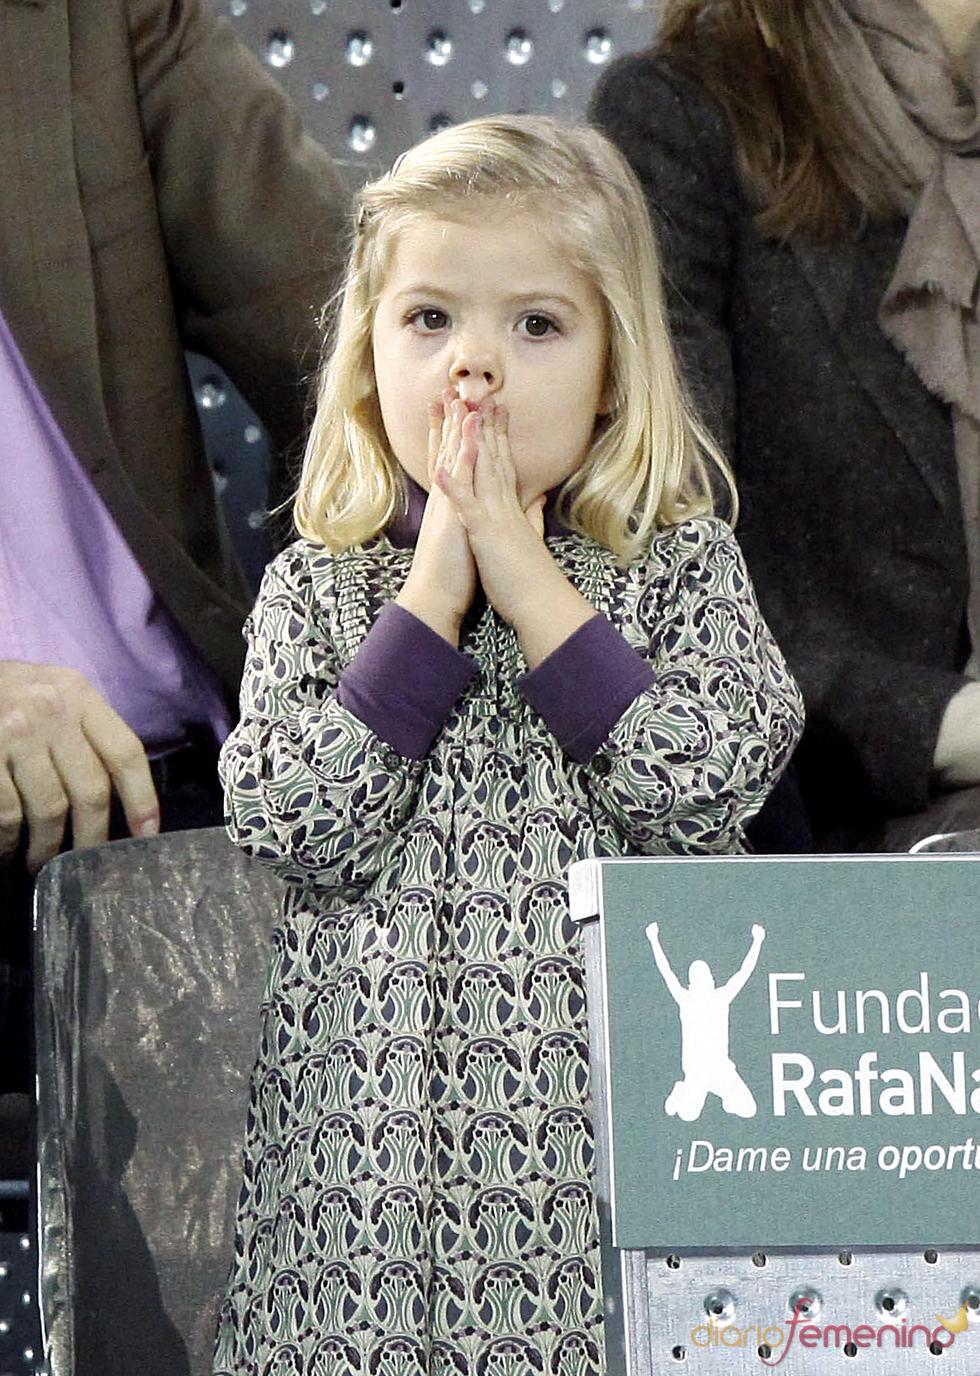 La Infanta Sofía en el partido de la Fundación Rafa Nadal